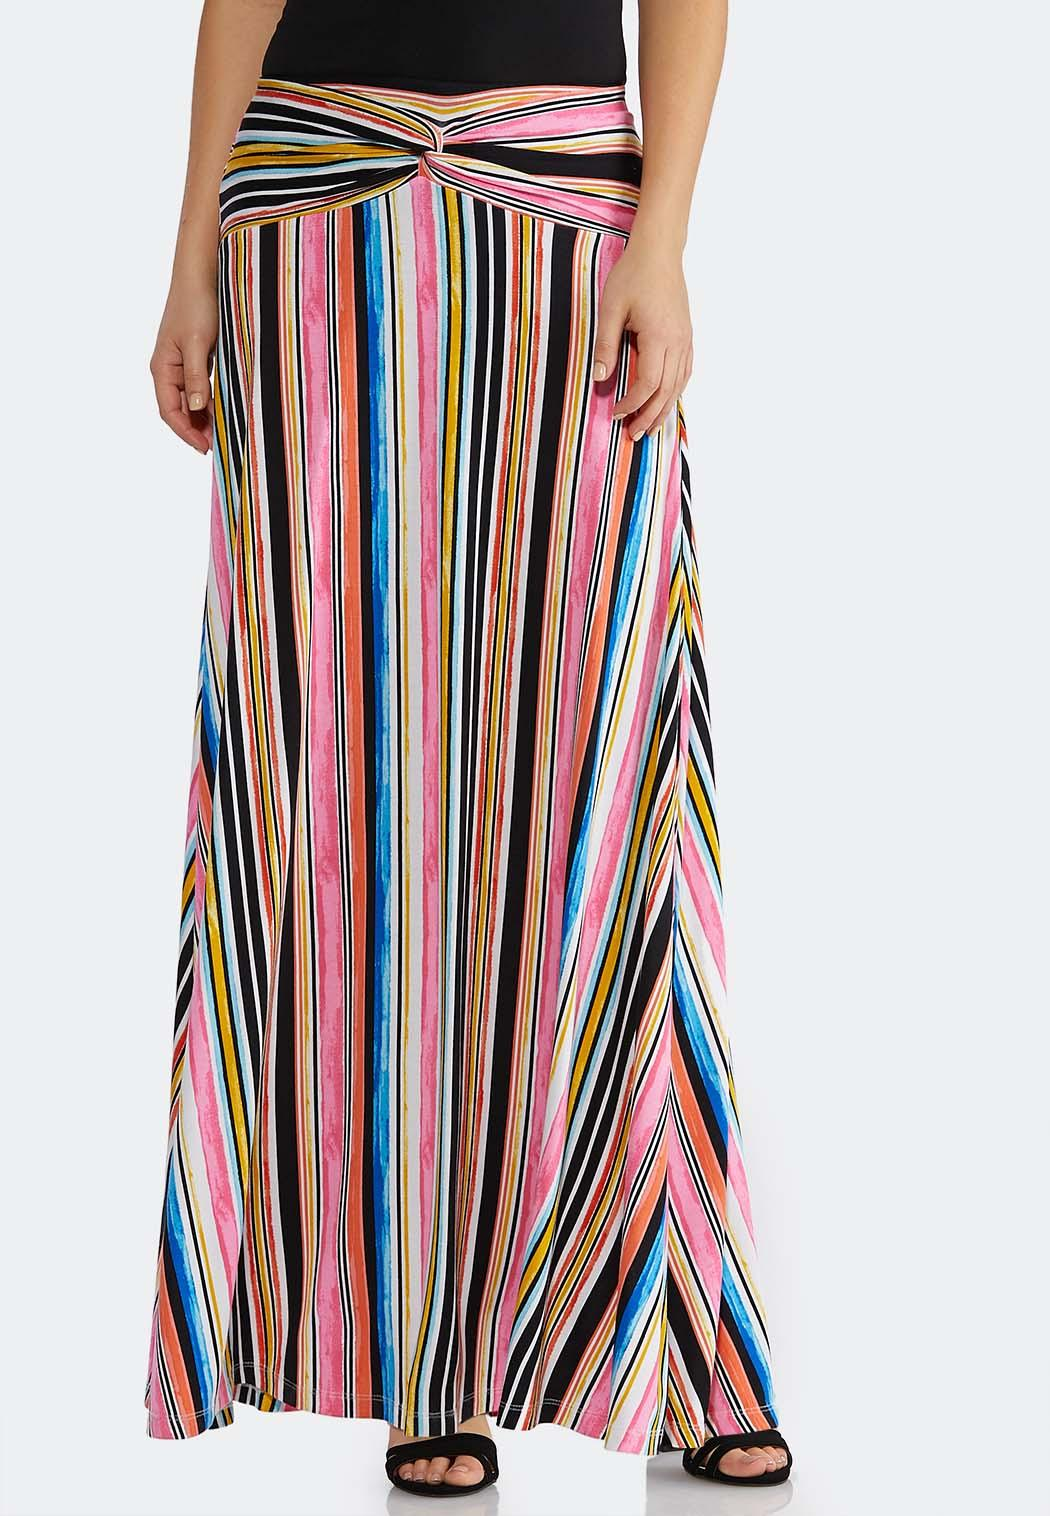 a7fdc9da4 Multi Stripe Maxi Skirt alternate view · Multi Stripe Maxi Skirt